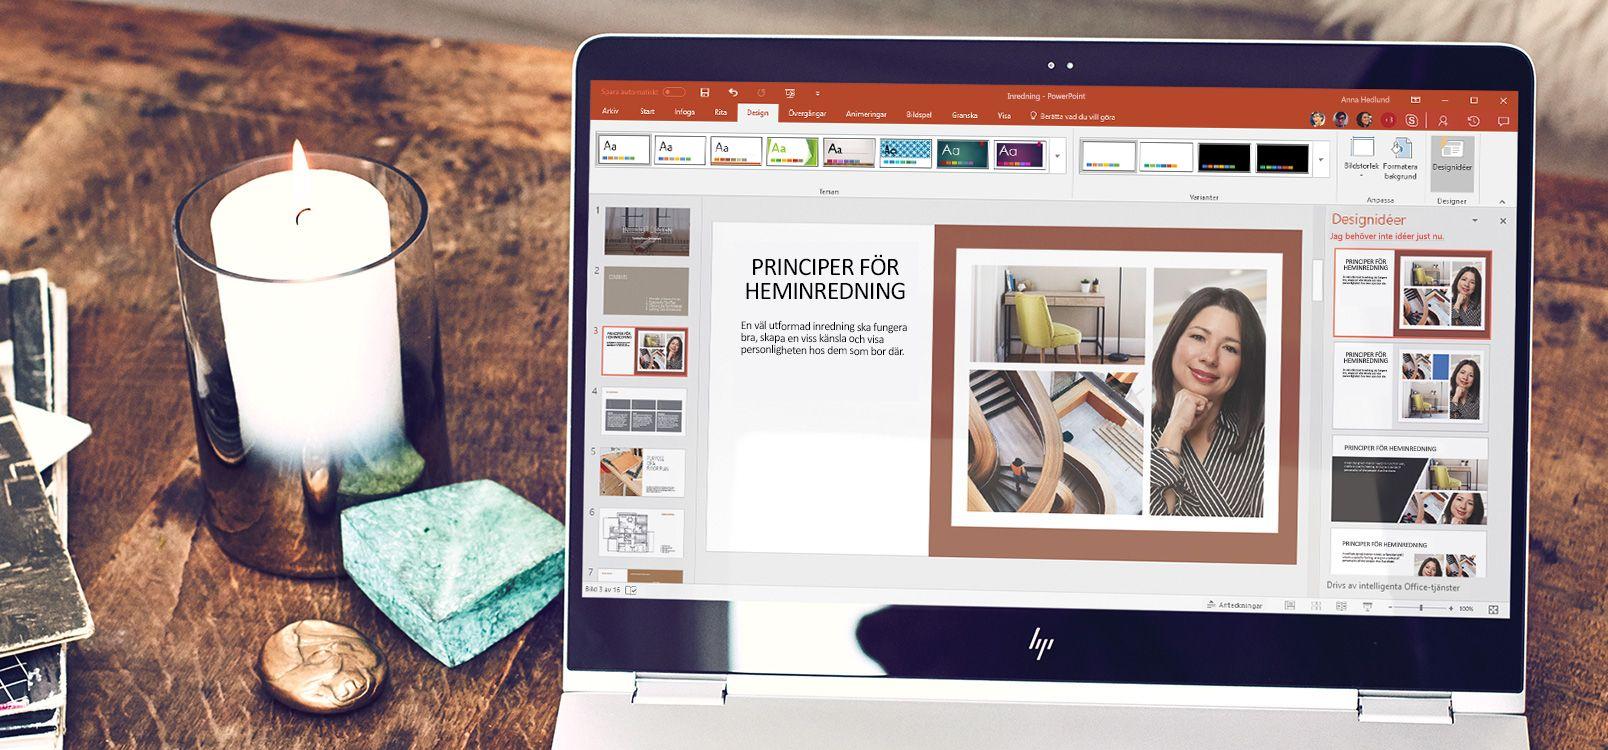 Bärbar dator med ett PowerPoint-dokument som använder PowerPoint Designer-funktionen